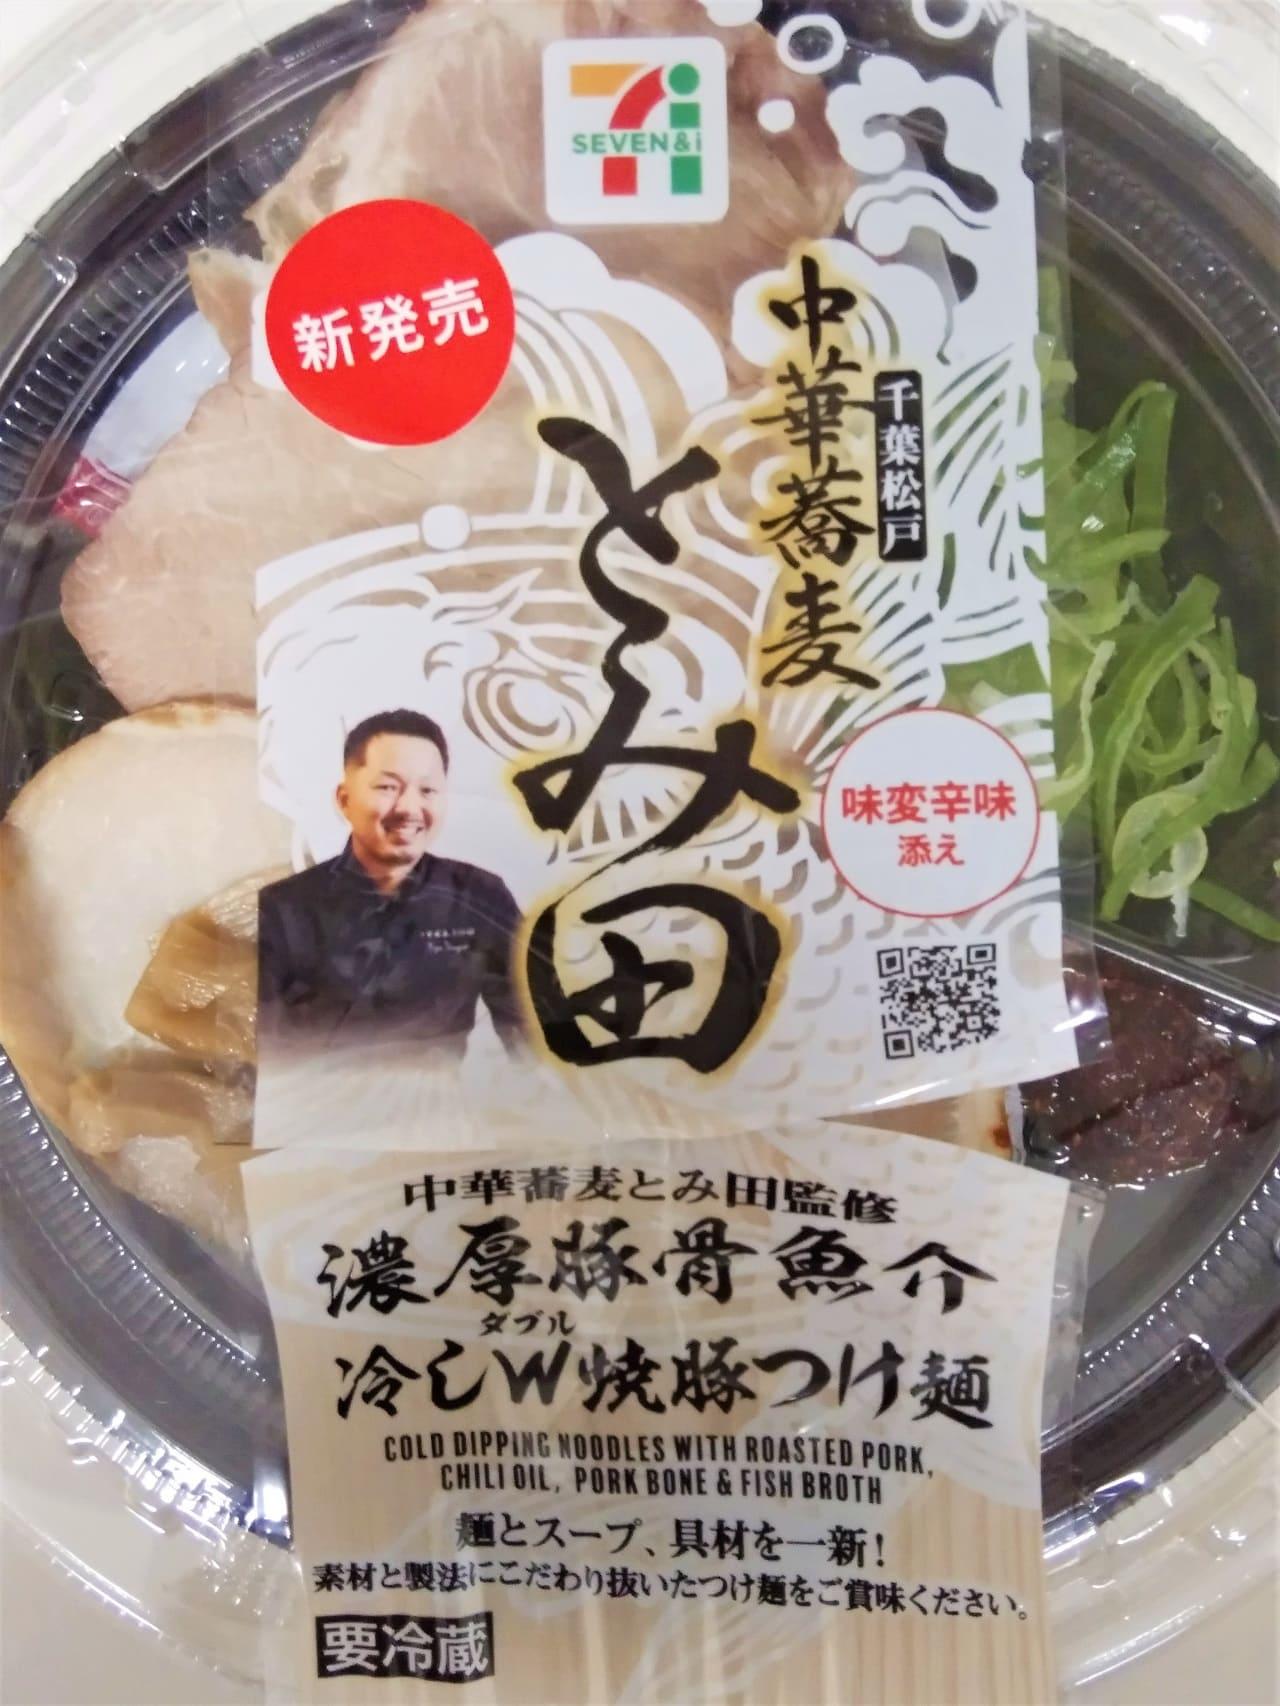 濃厚豚骨魚介W焼豚つけ麵のパッケージ